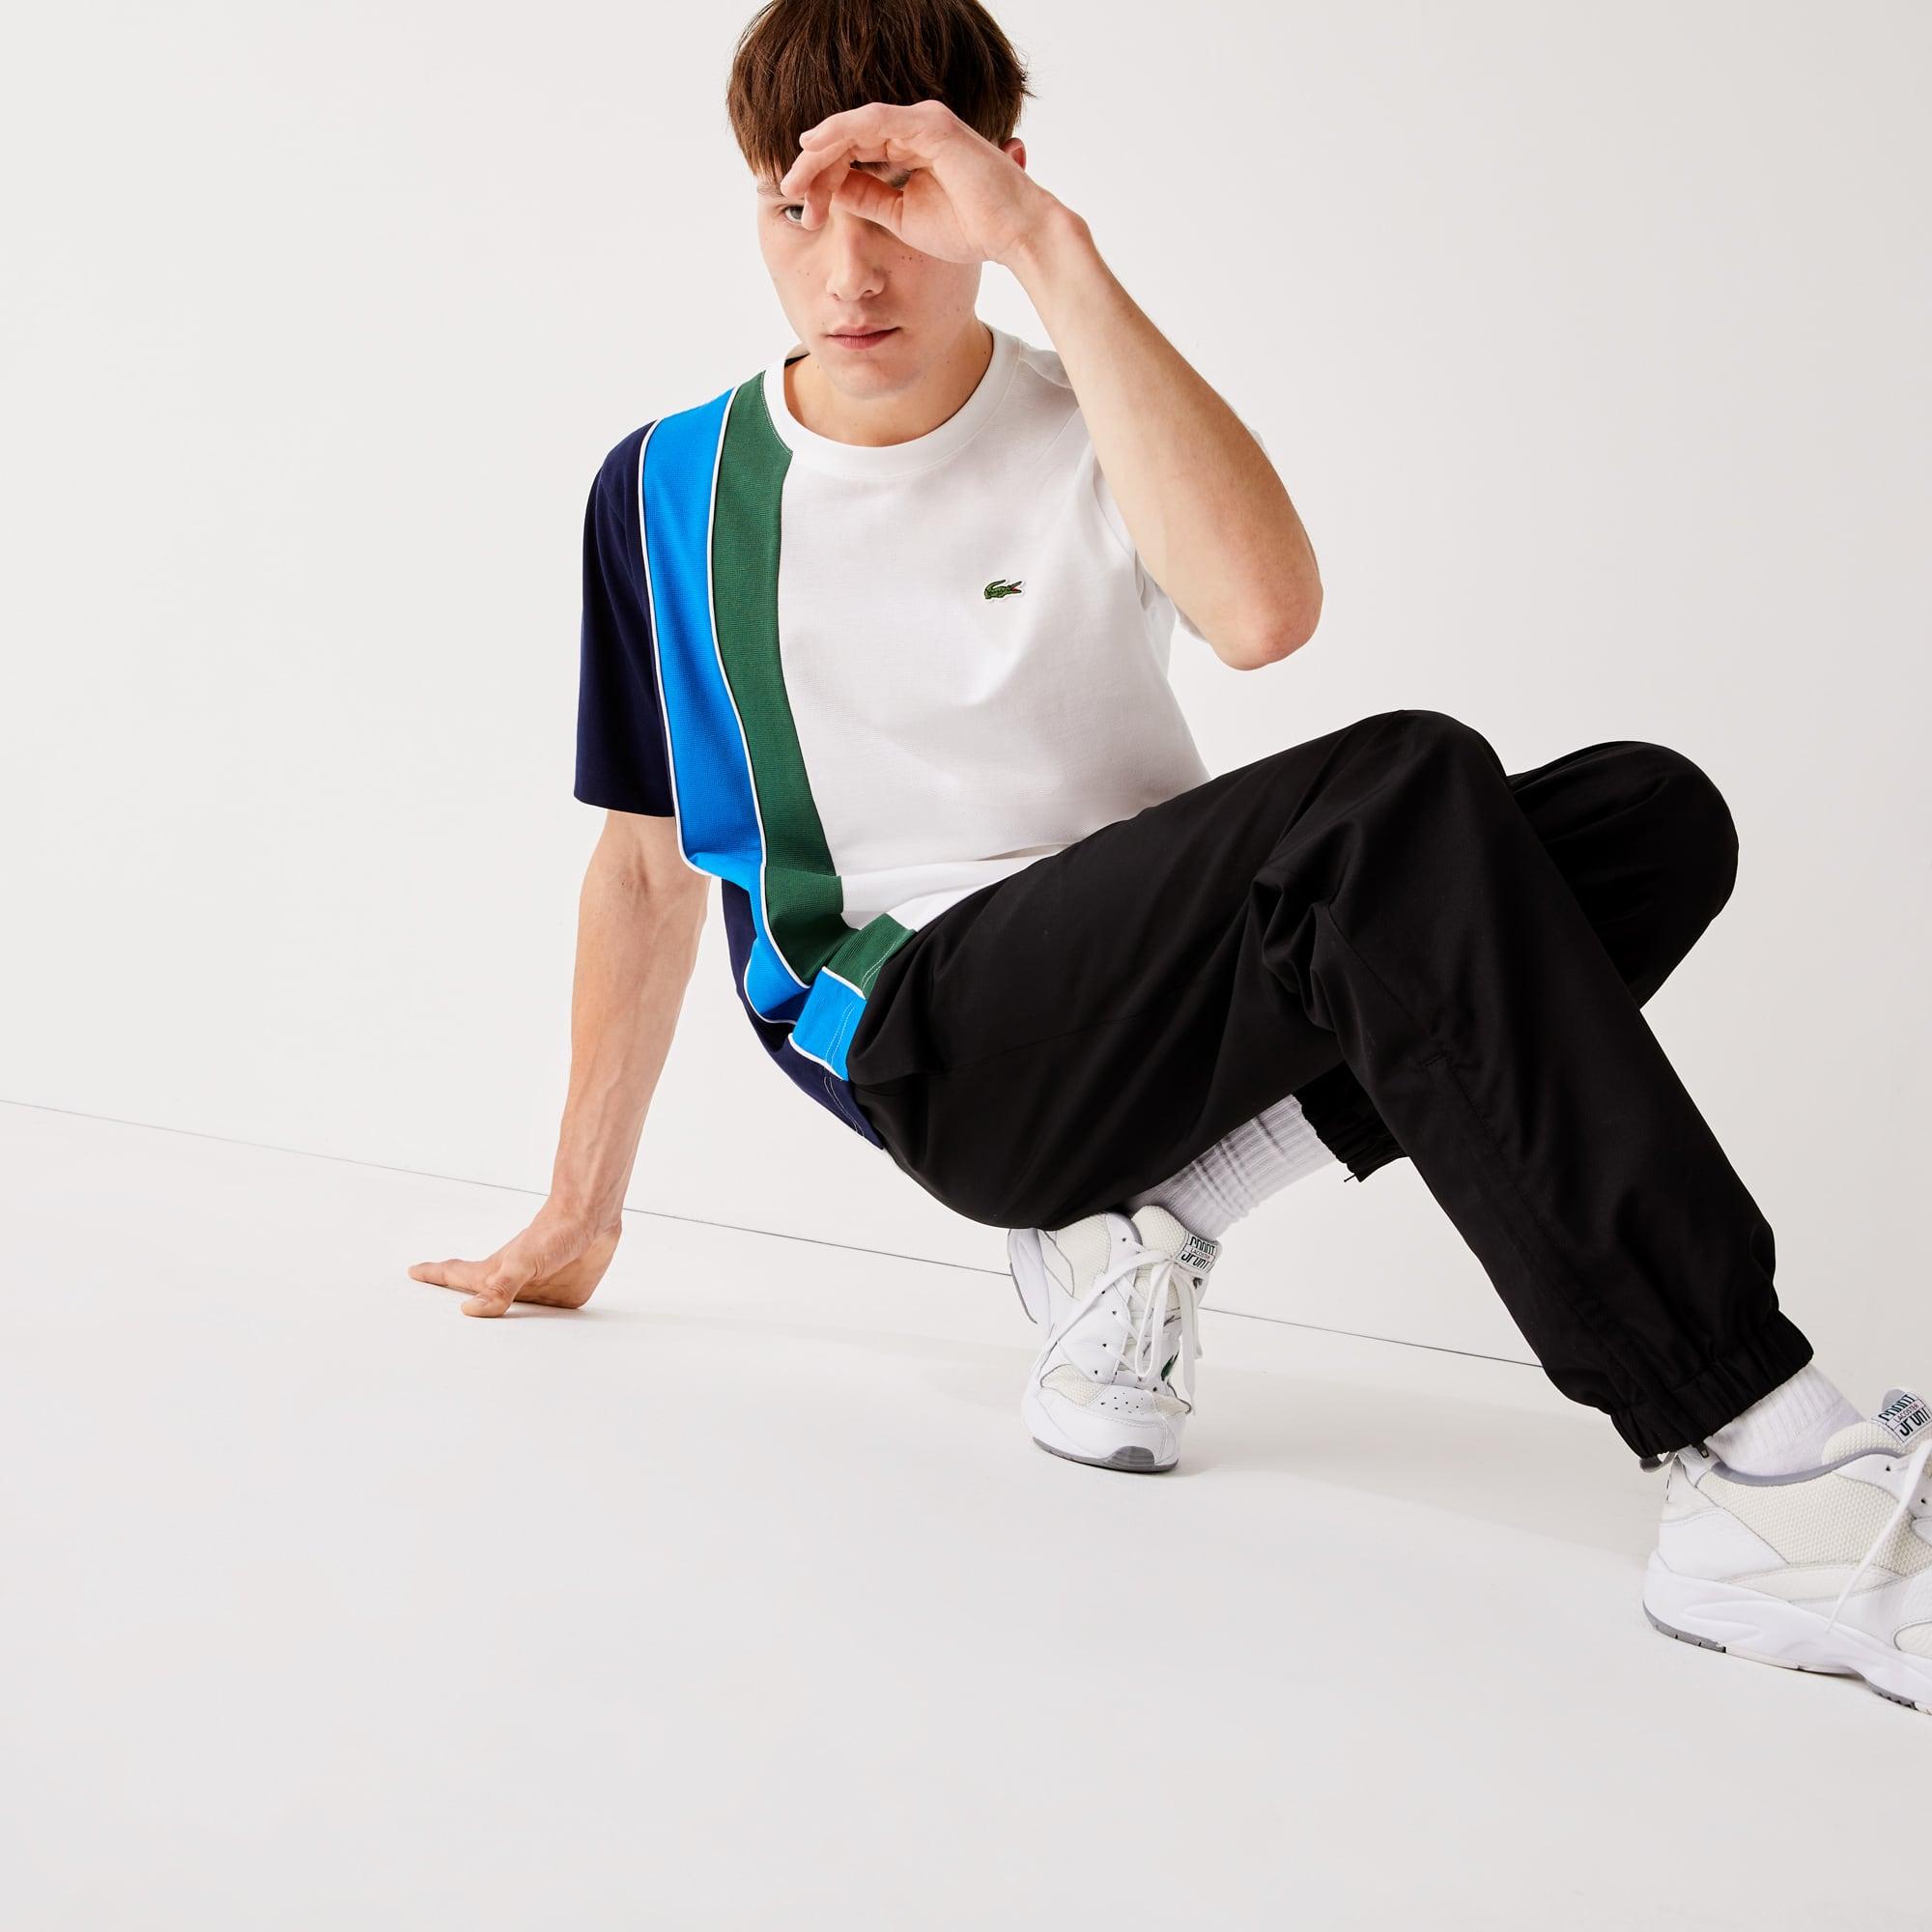 35f41327f5 + 4 couleurs · Pantalon de survêtement Tennis Lacoste ...